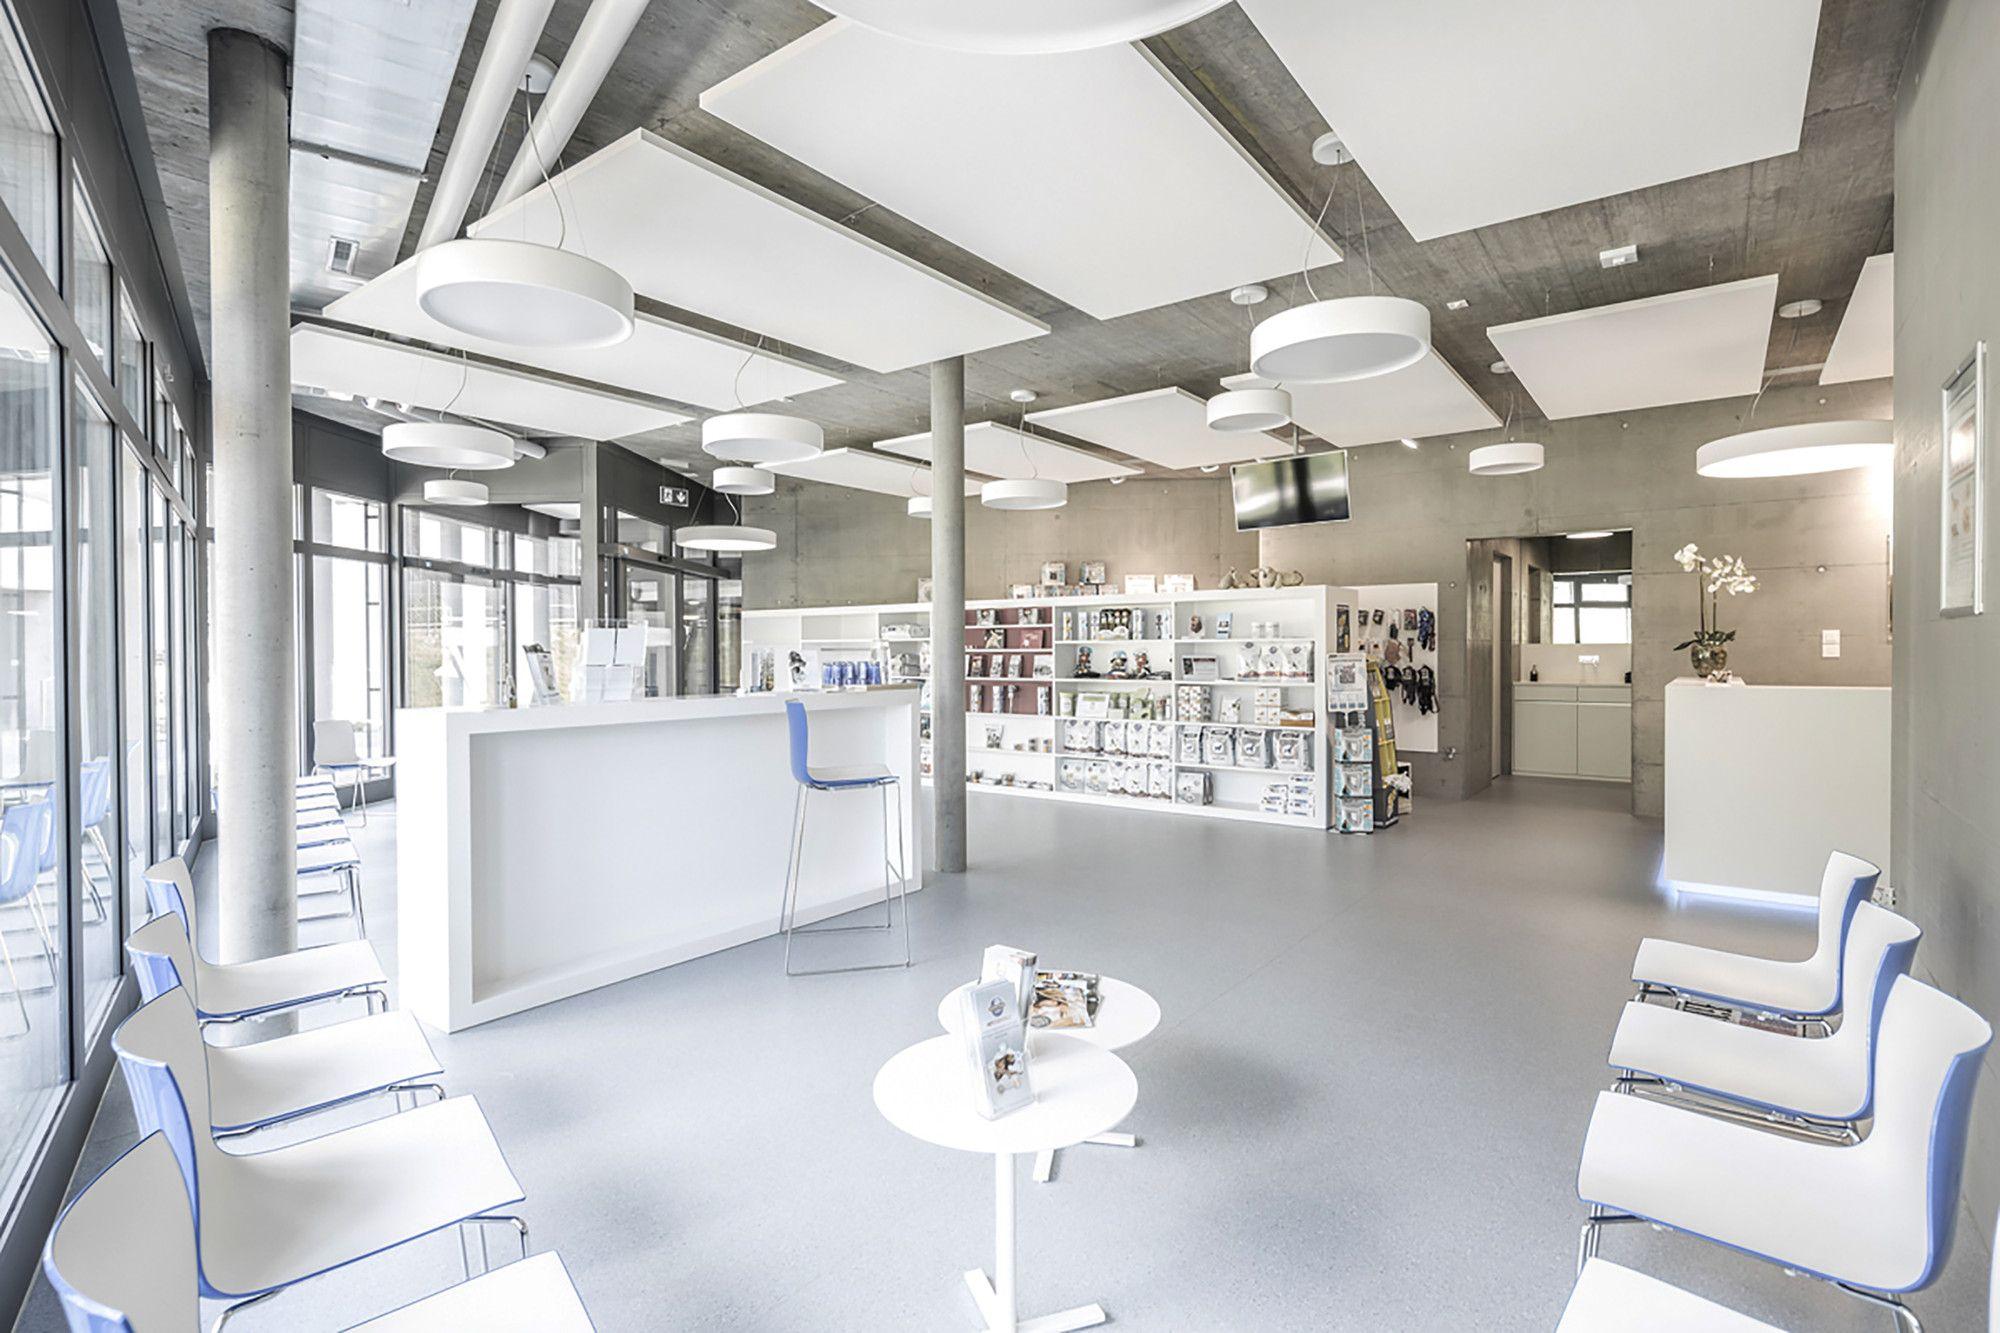 Galeria de Clínica Veterinária Masans / domenig